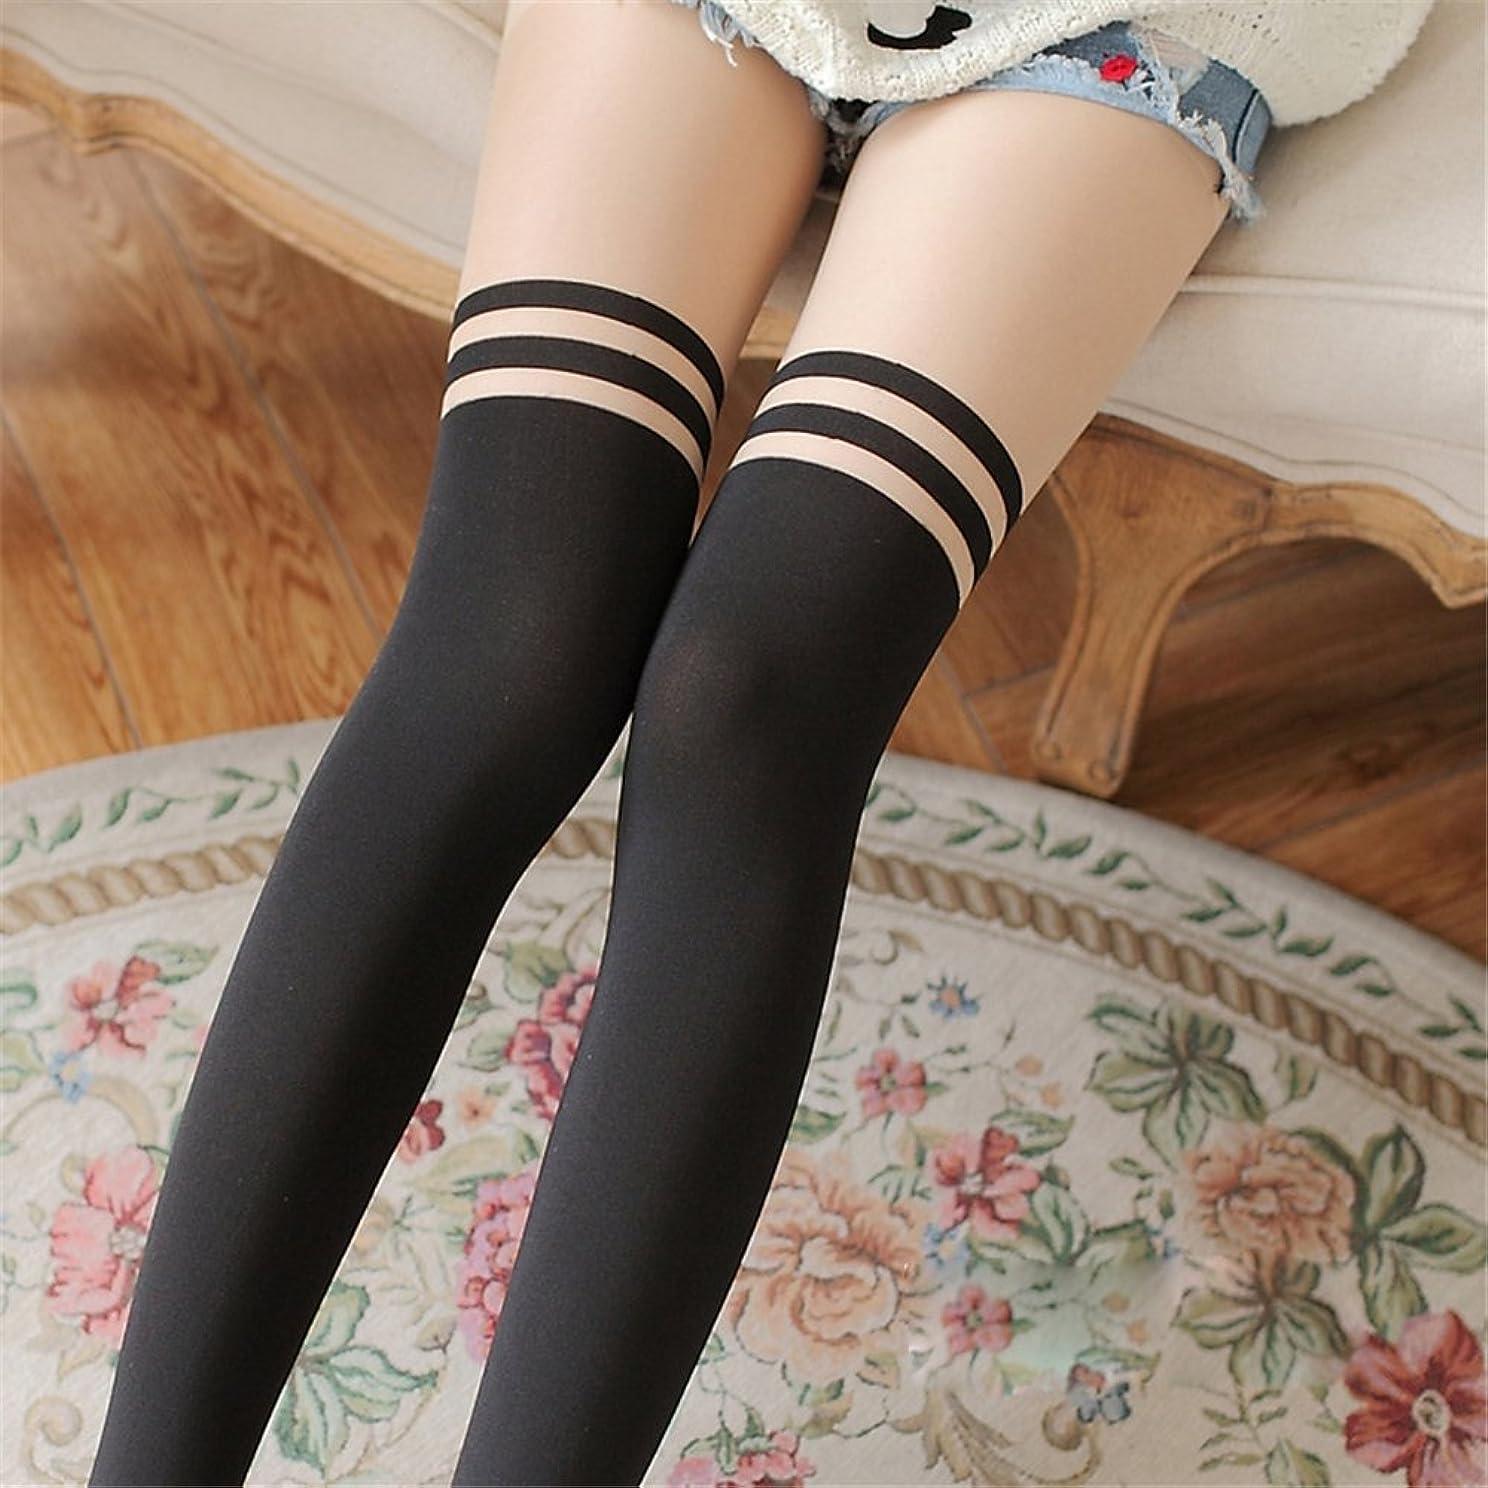 部門化学有効なAriyenai オーバーニーソックス 着圧 美脚セクシー フェイクタイツ ストッキング ニーハイニーソックス サイハイソックス 靴下